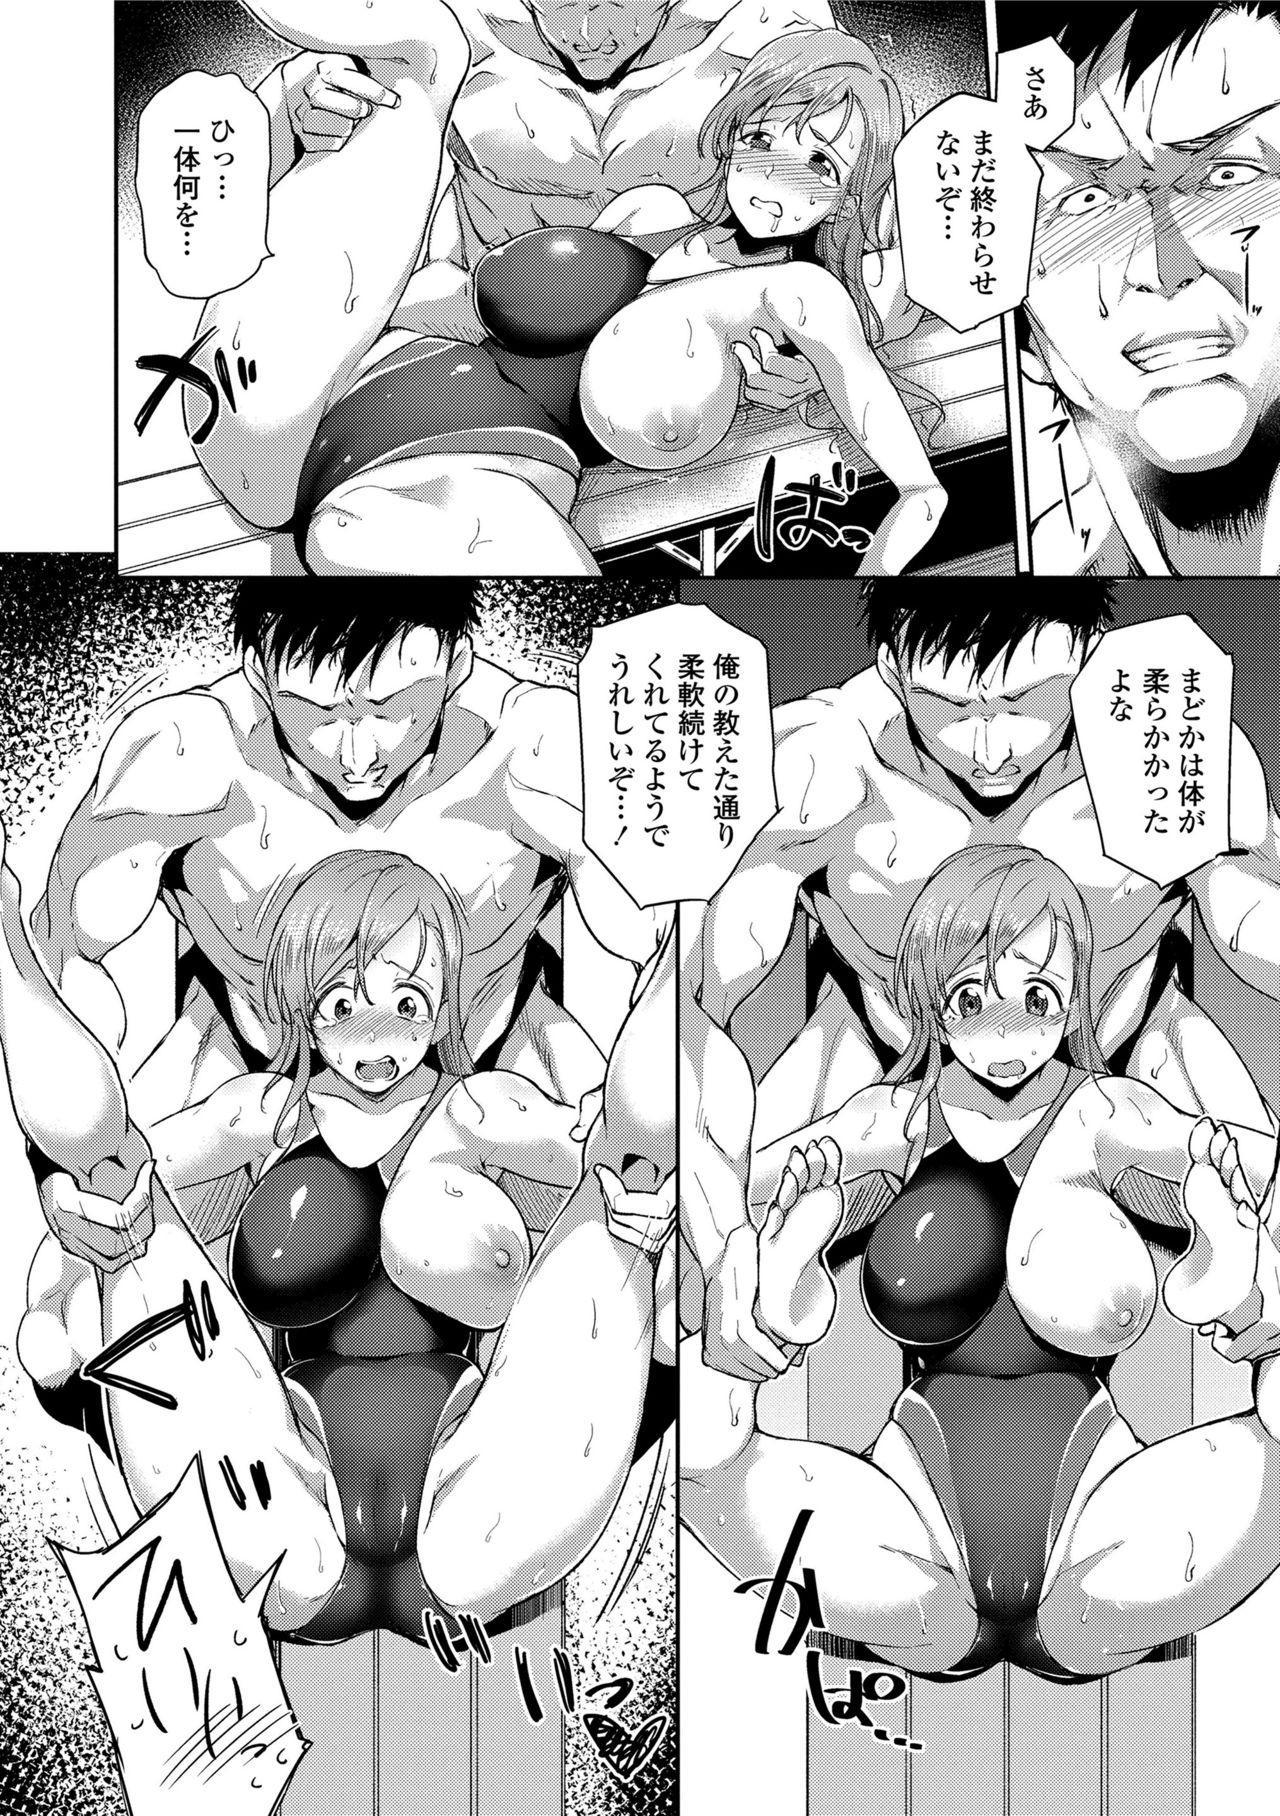 Ai ga Nakutemo Ecchi wa Dekiru! - Even if There is No Love You Can H! 133